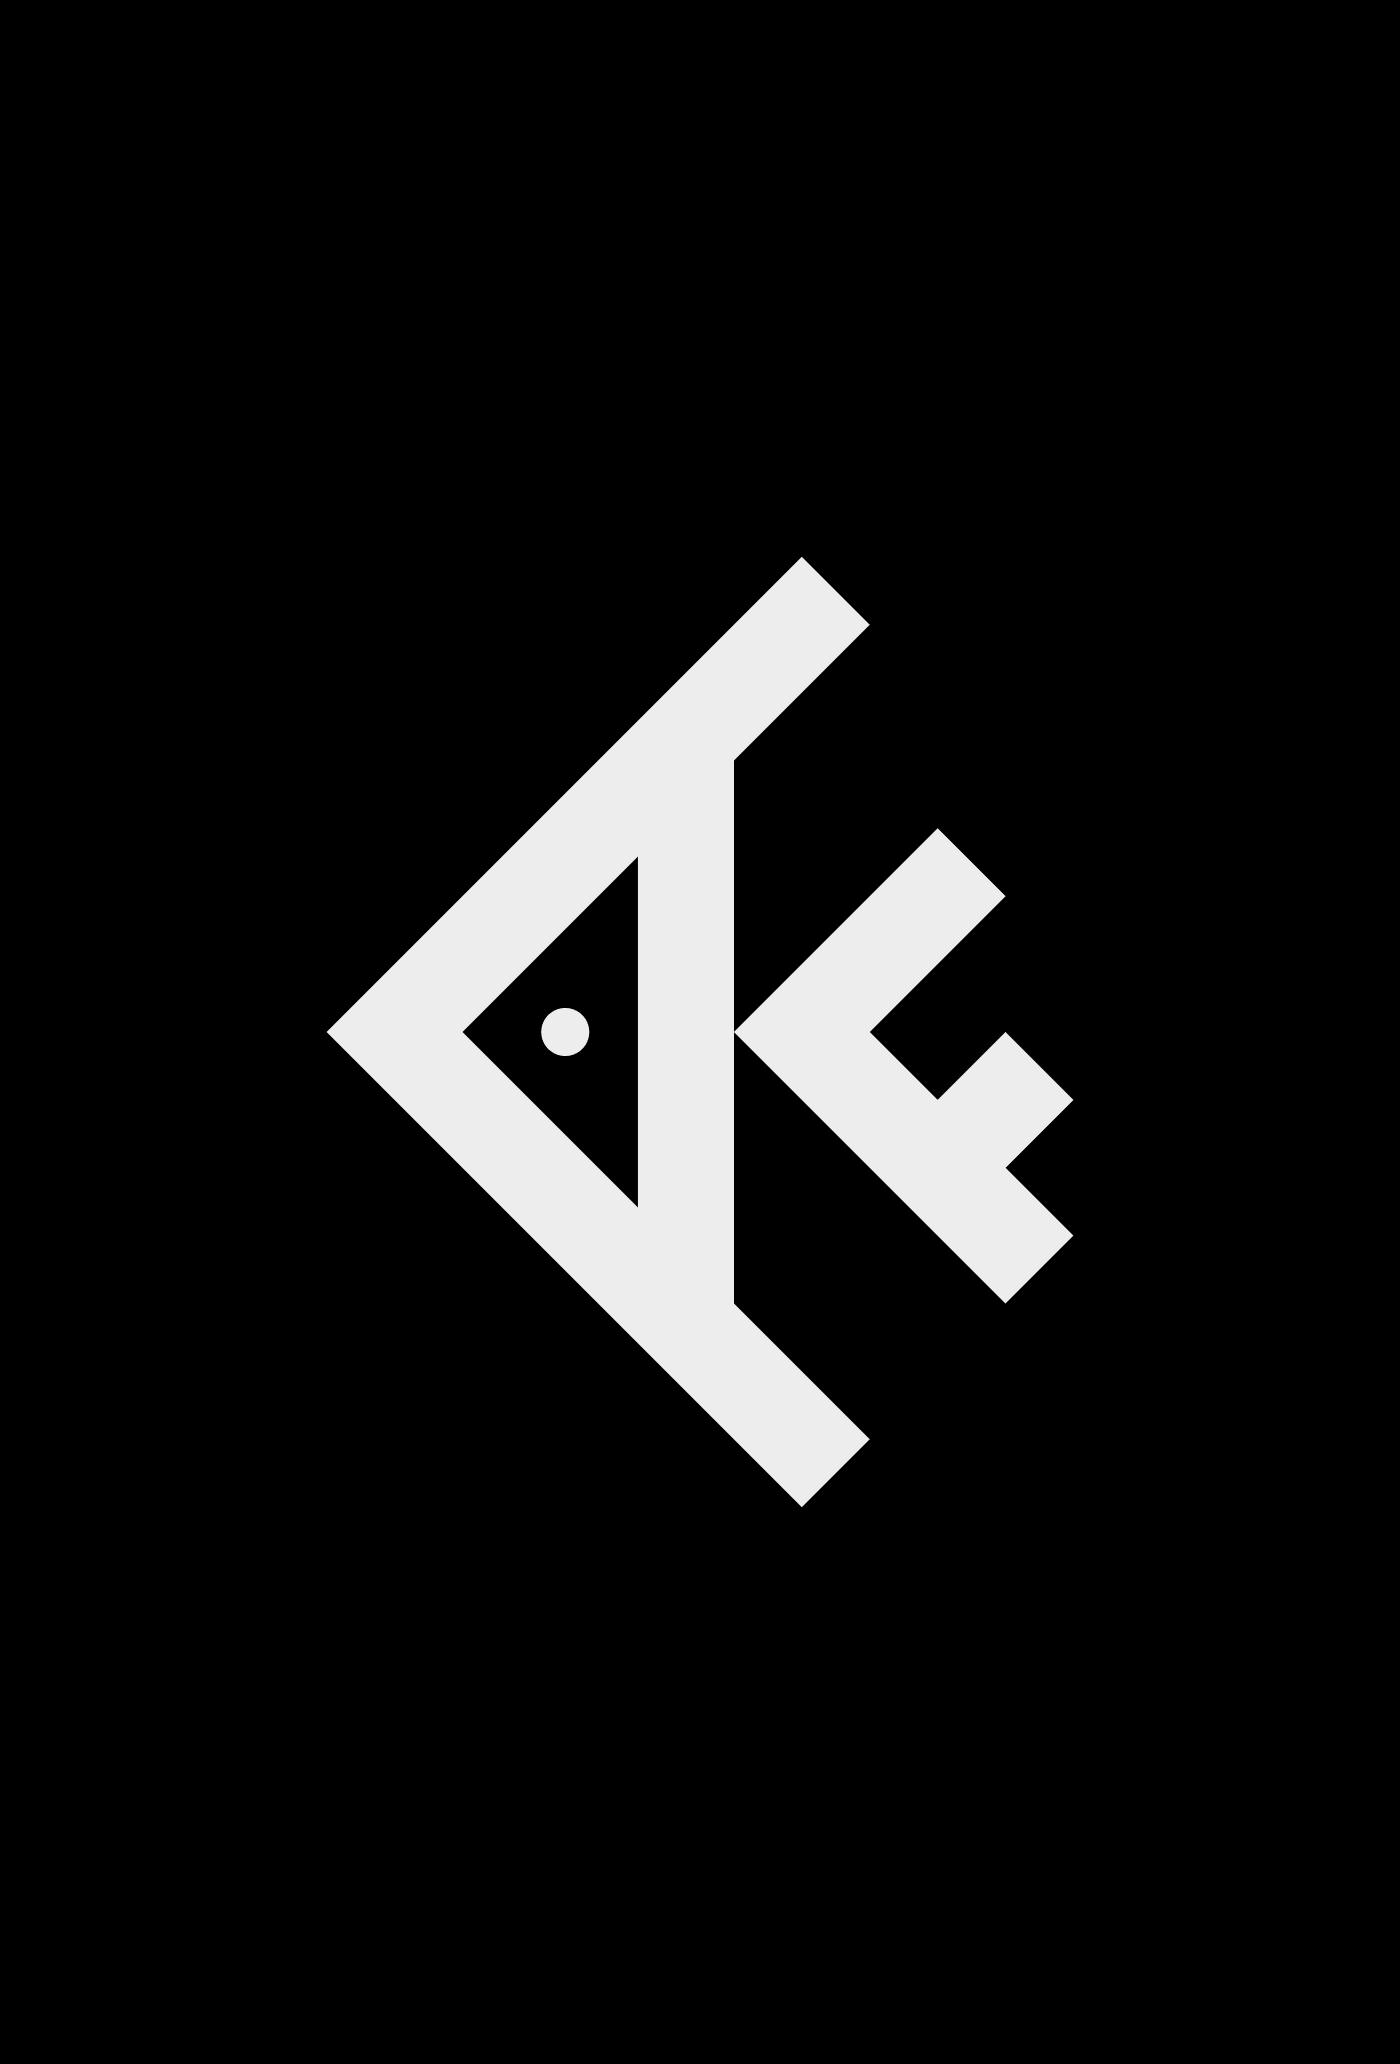 BrunoSilva-Logos-005